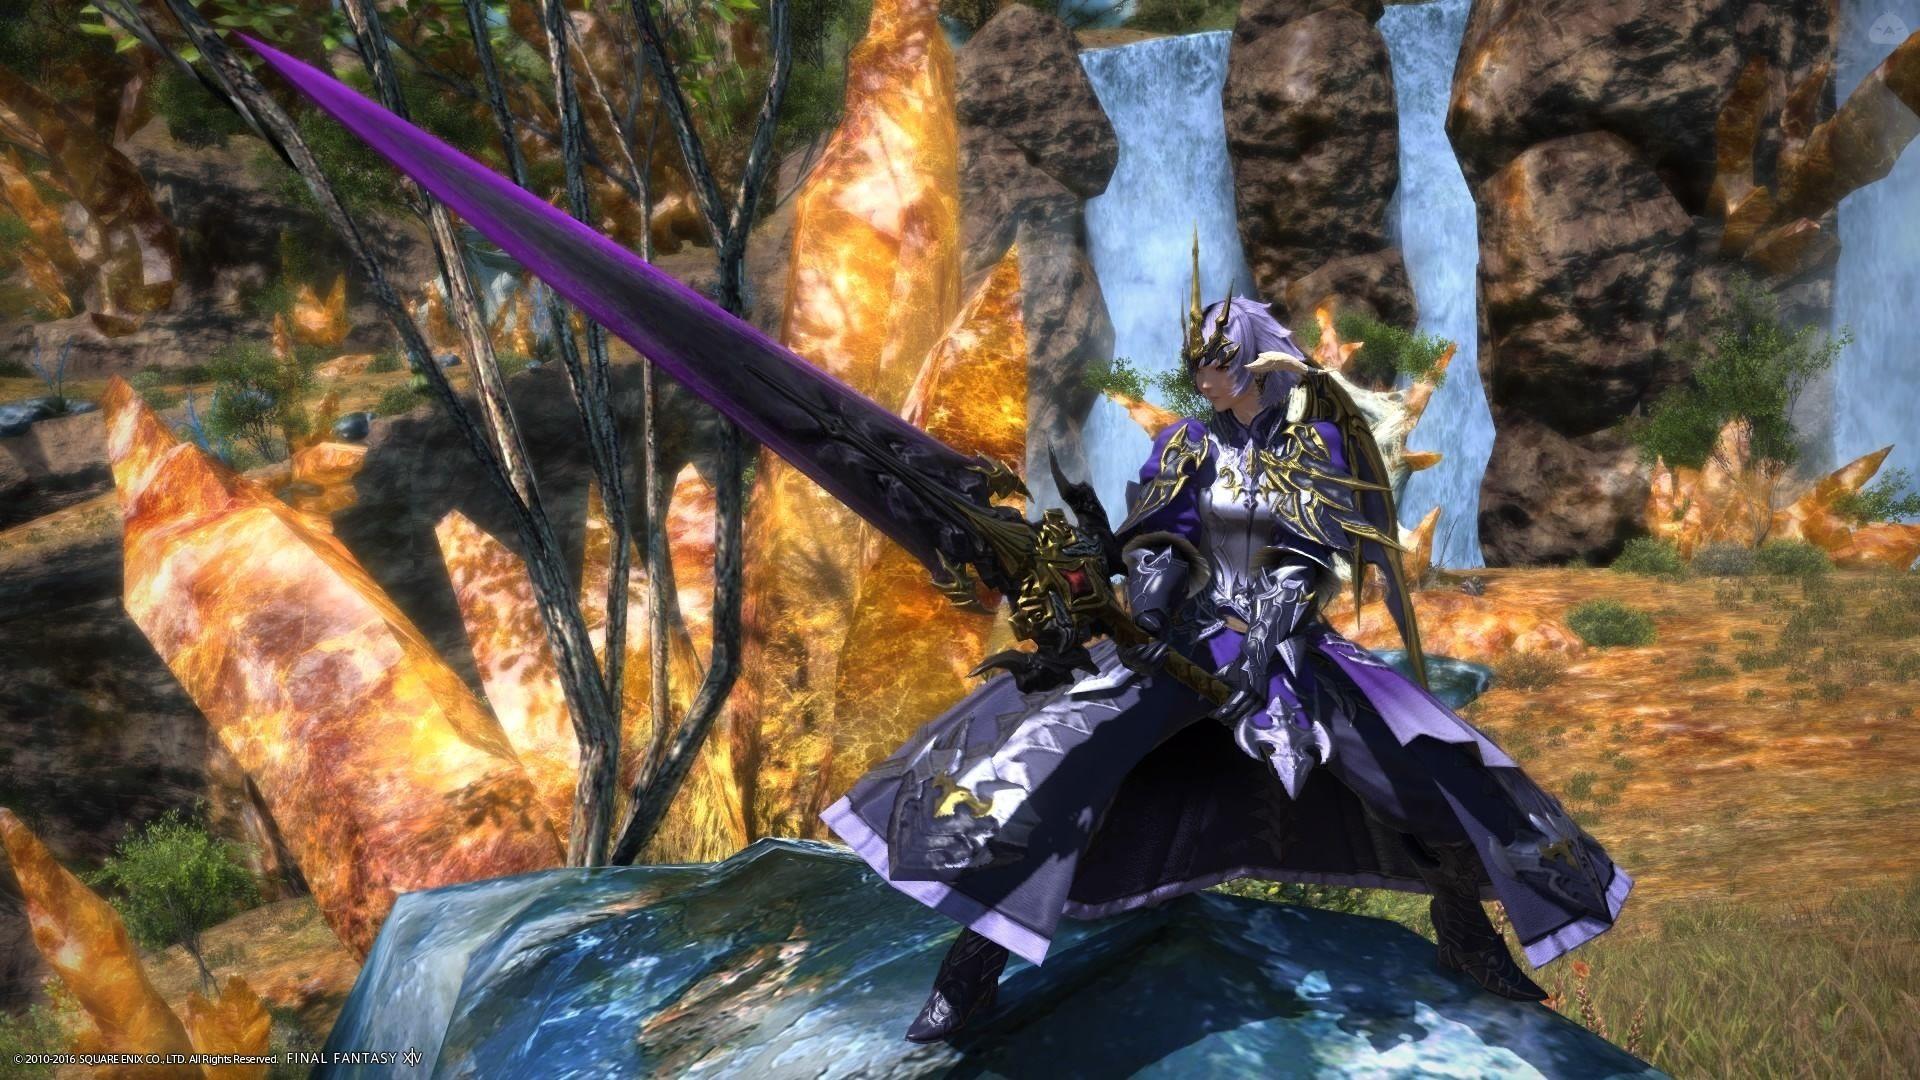 暗黒竜騎士 ~対ニーズヘッグ征竜装束~